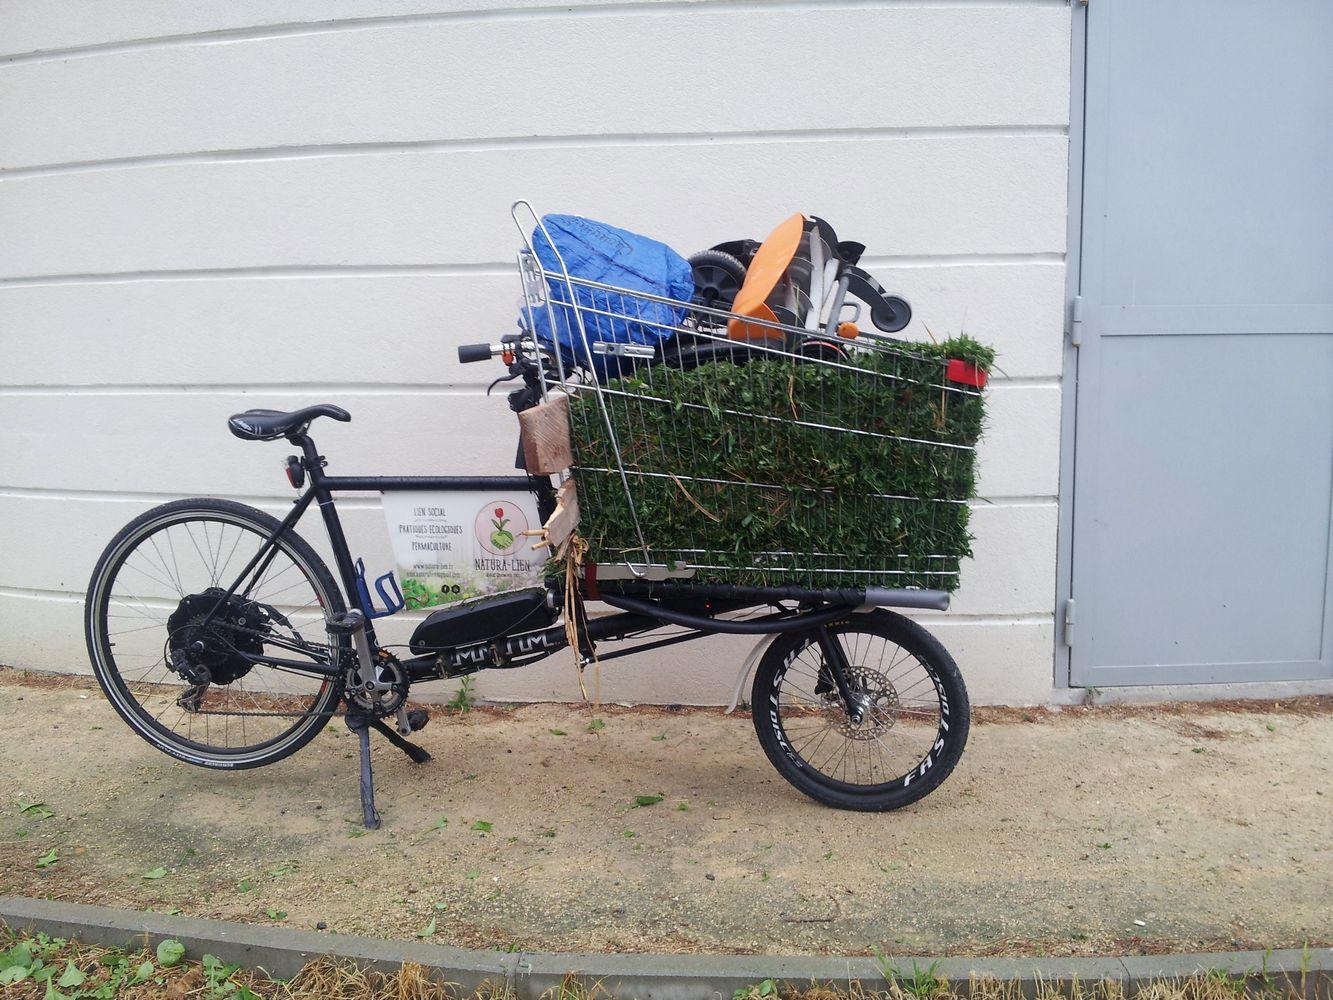 vélo cargo transportant une tondeuse manuelle et de la tonte de gazon